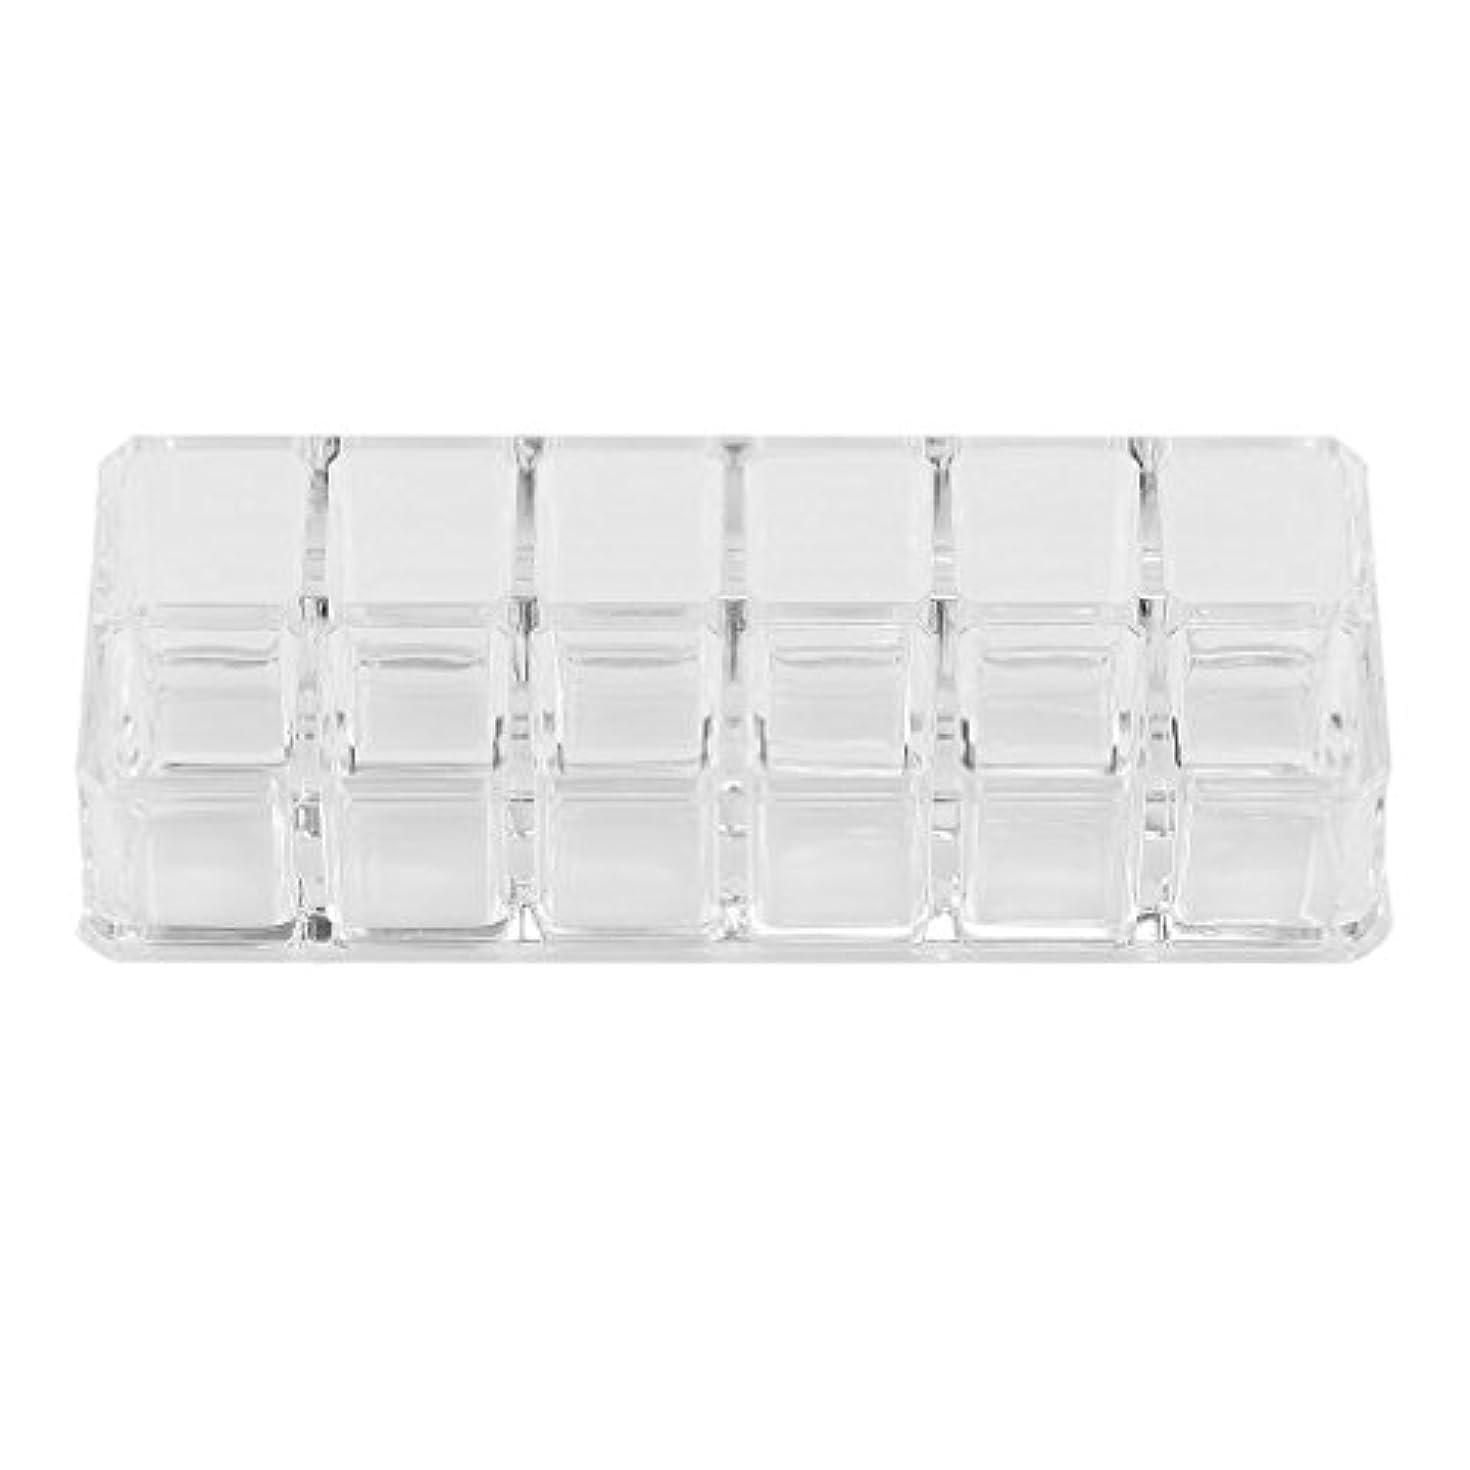 ケースメイク化粧品の口紅の主催ホルダー省スペース型スタンド1PCS 12台形透明アクリルメイクアップ?ディスプレイ?リップスティック